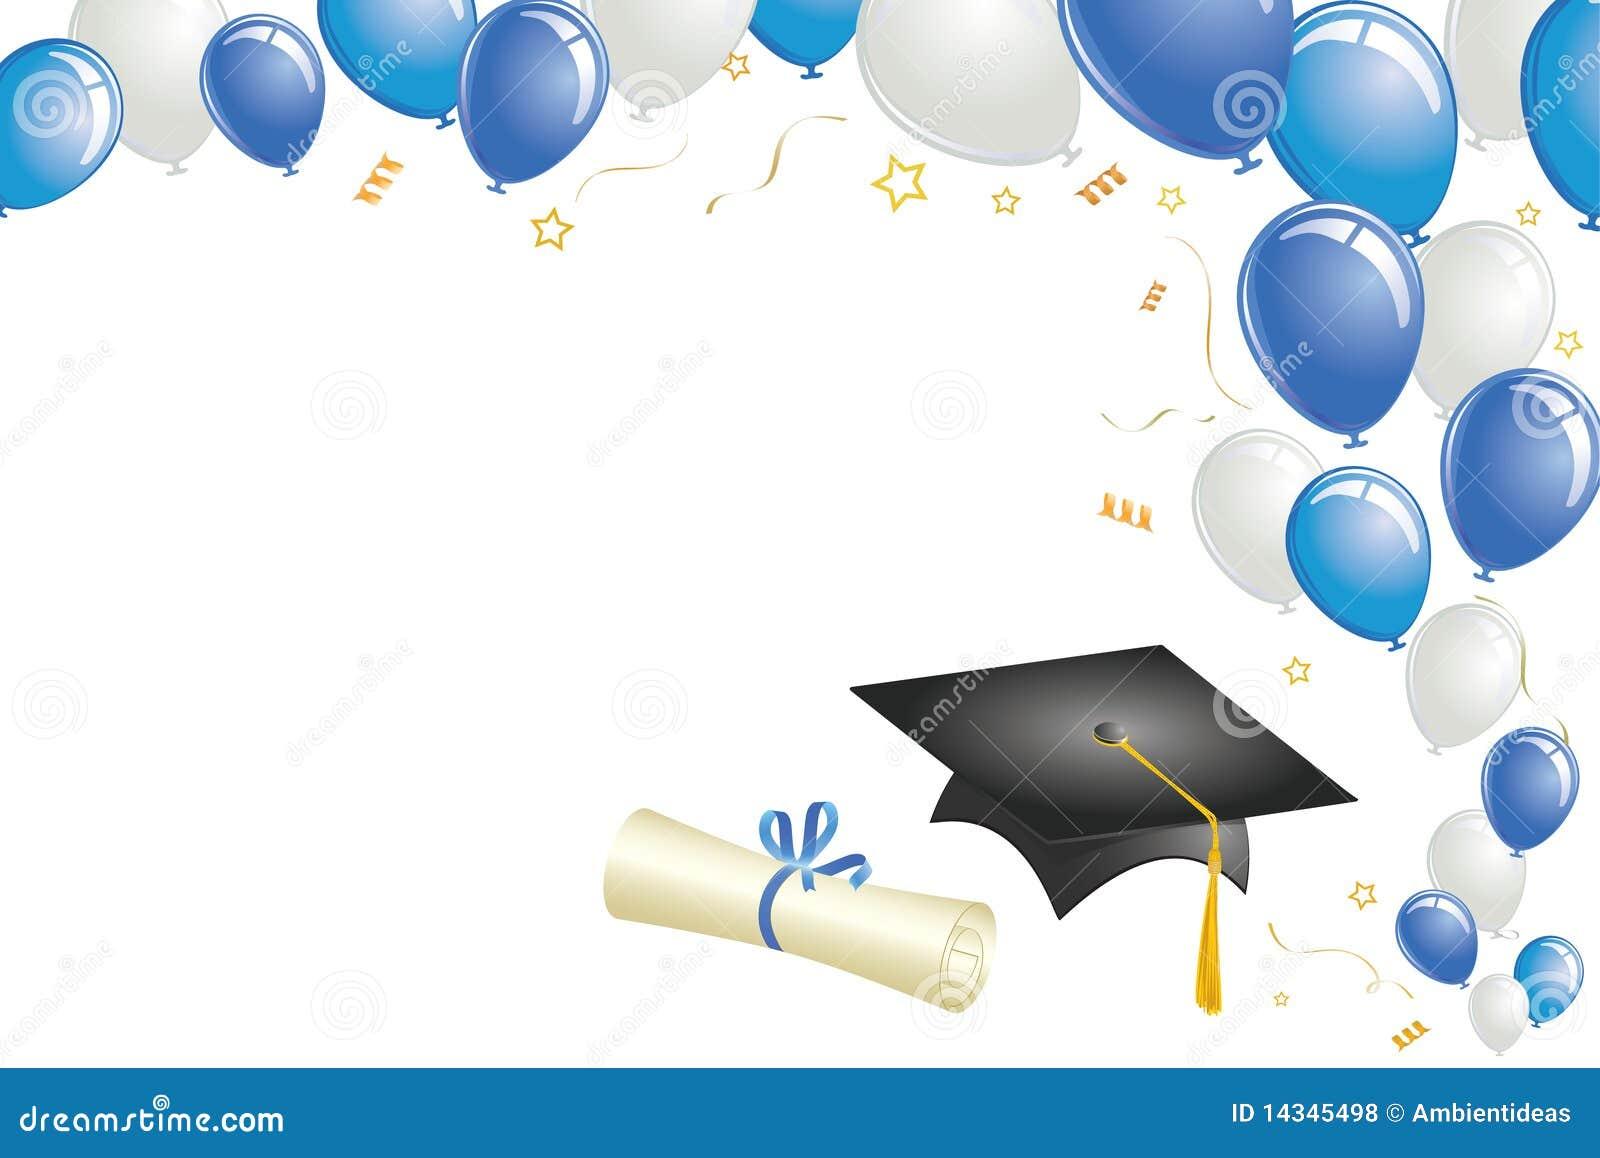 Diseño De La Graduación Con Oro Y Globos Amarillos Ilustración del ...